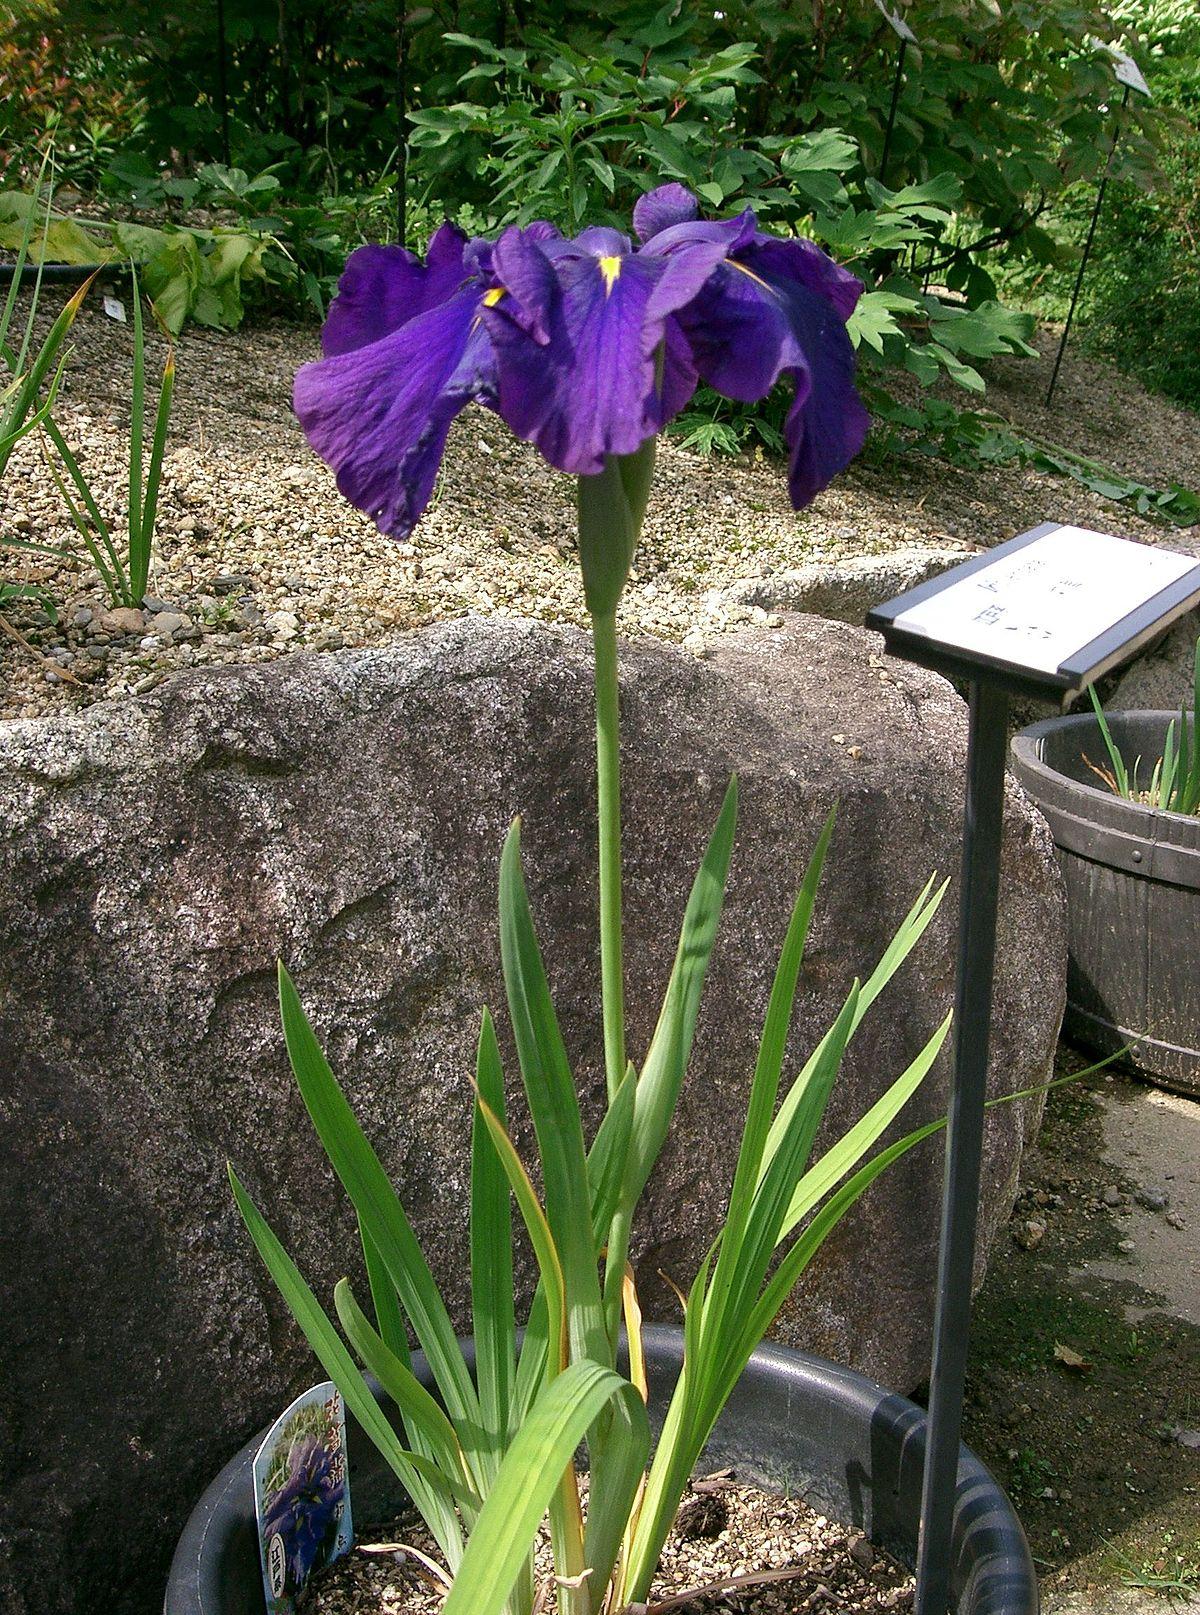 Iris Ensata Wikimedia Commons